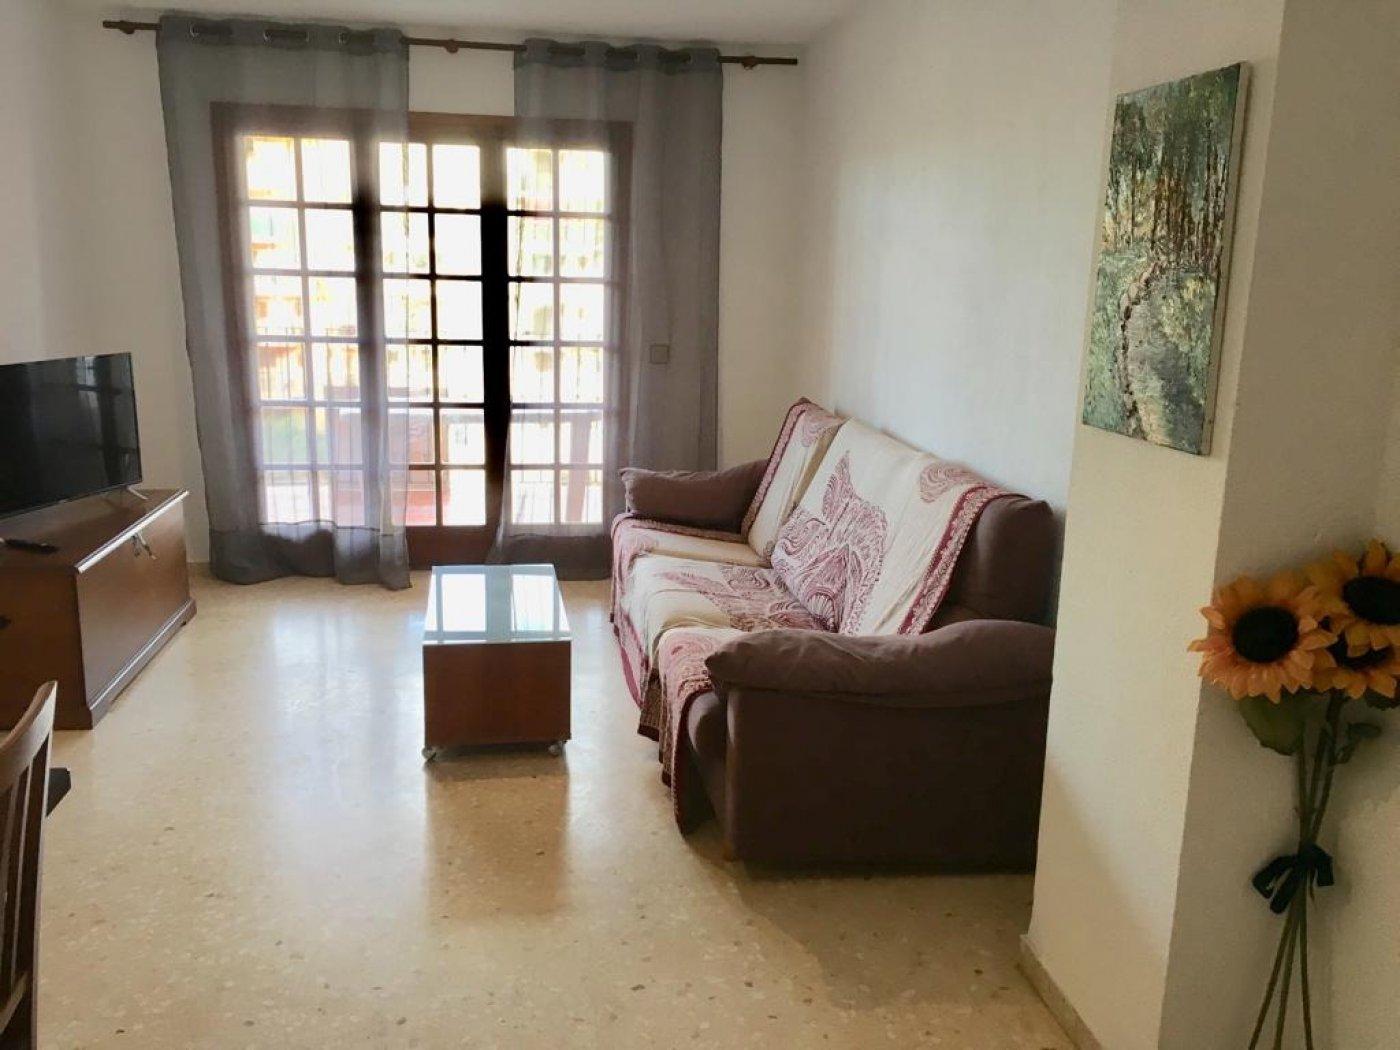 Estupendo apartamento en portsaplaya!!! - imagenInmueble2